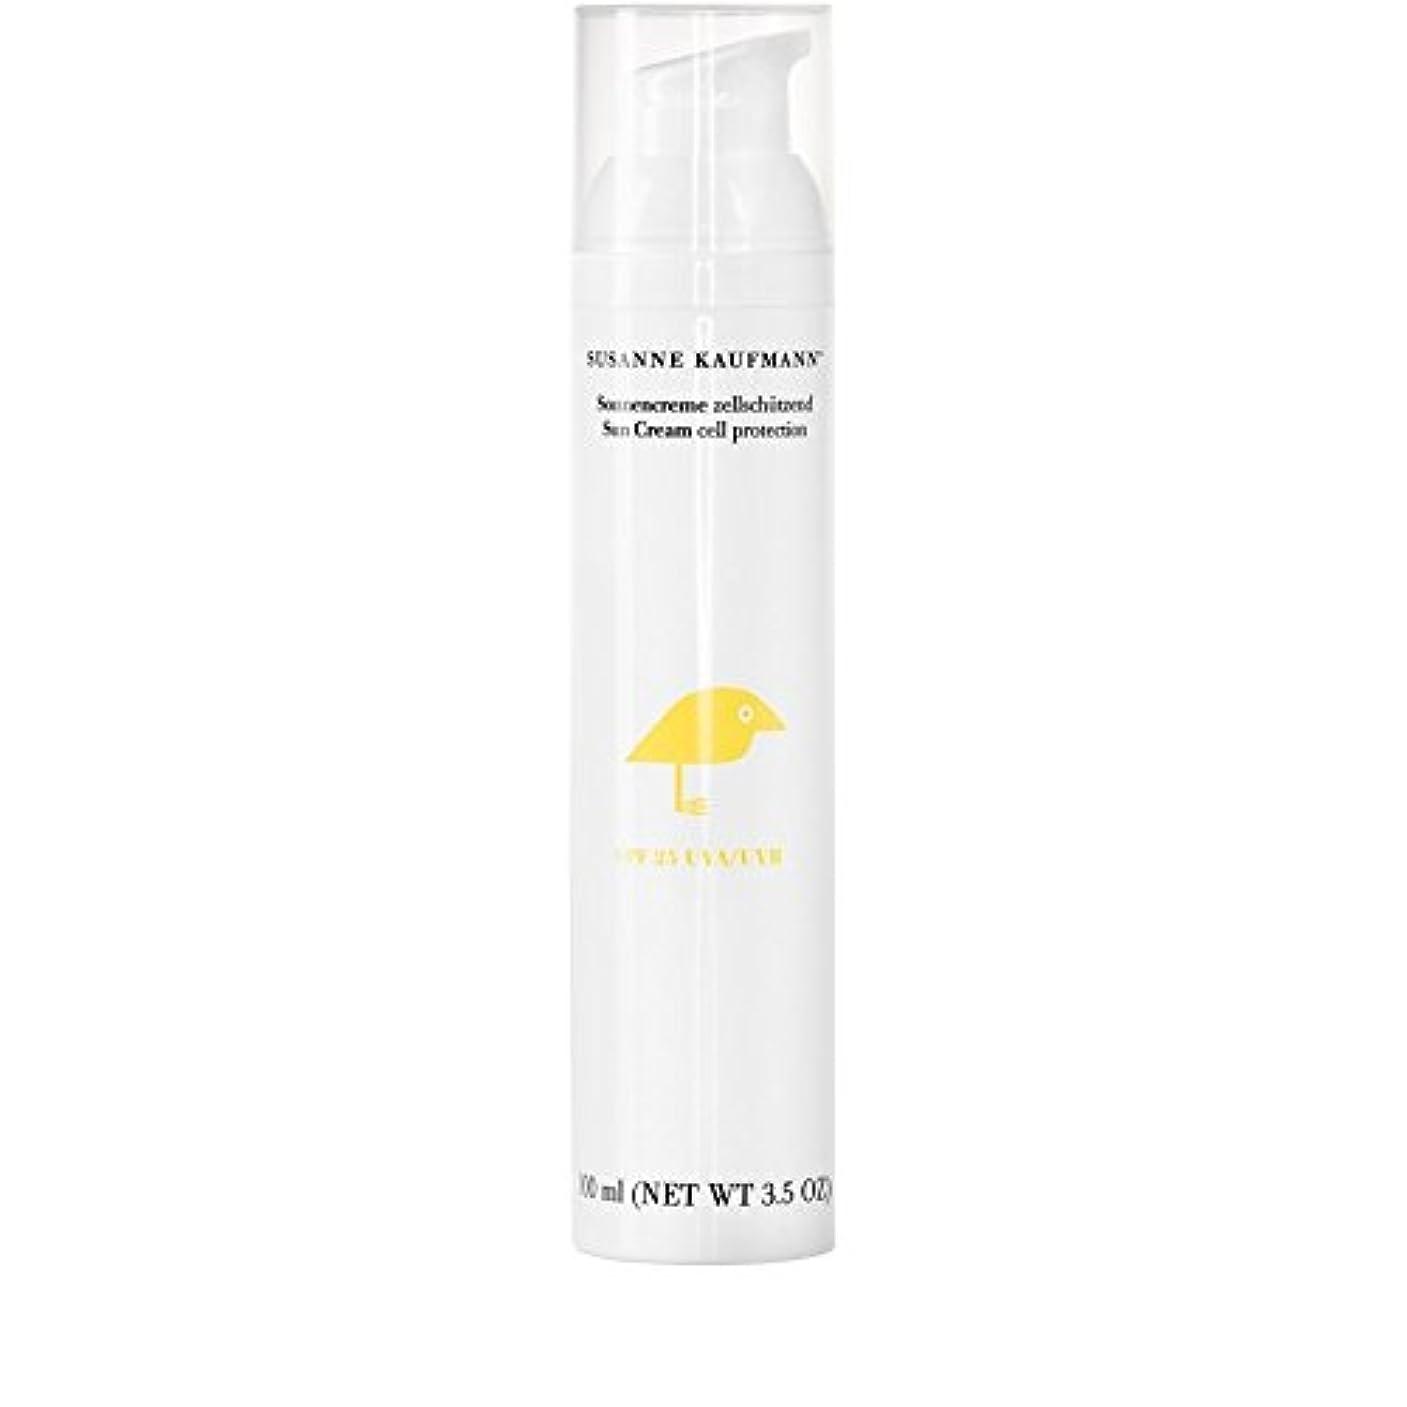 硬いタンザニア損傷Susanne Kaufmann Cell Protection Sun Cream SPF25 100ml - スザンヌカウフマン細胞保護日クリーム25の100ミリリットル [並行輸入品]